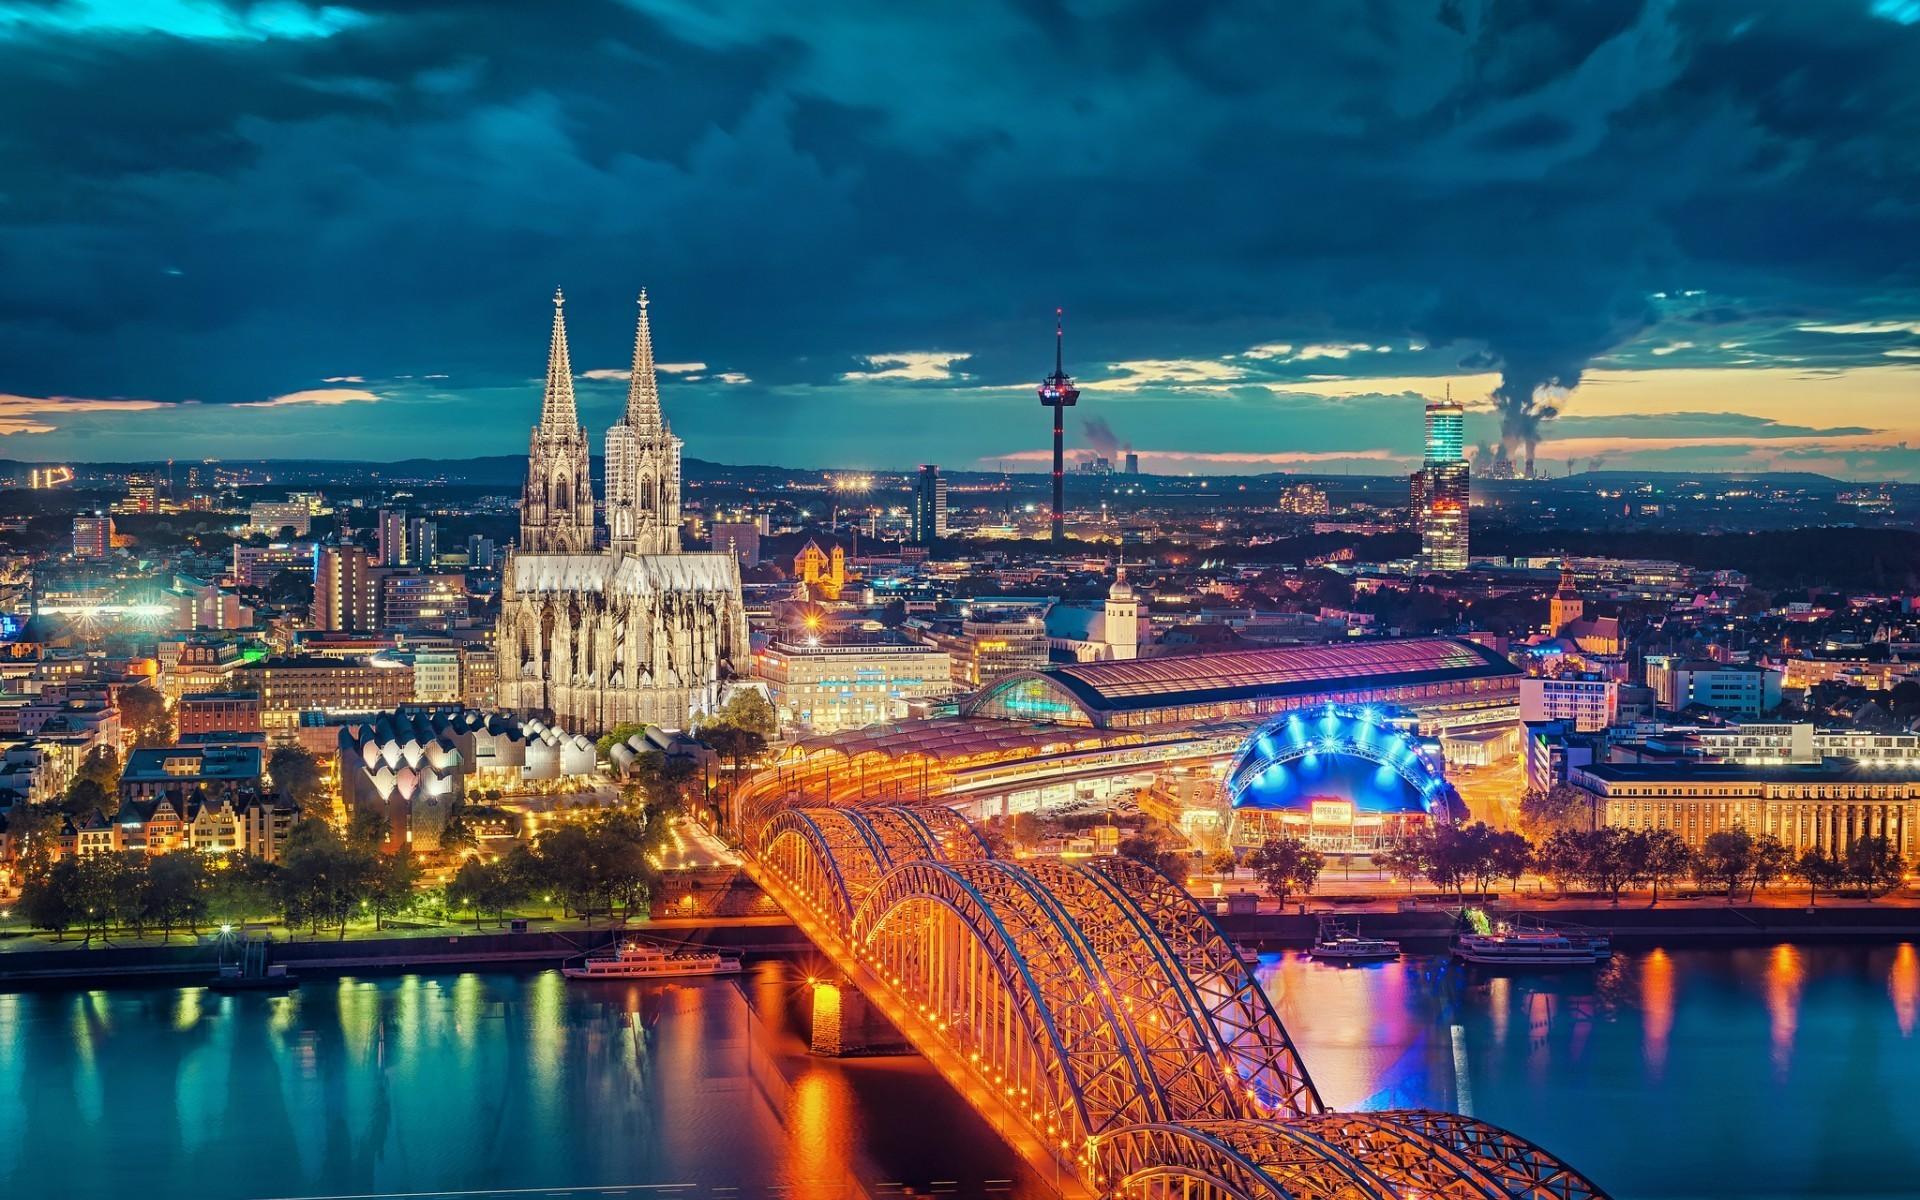 ثبت رکورد جدید صنعت گردشگری در آلمان